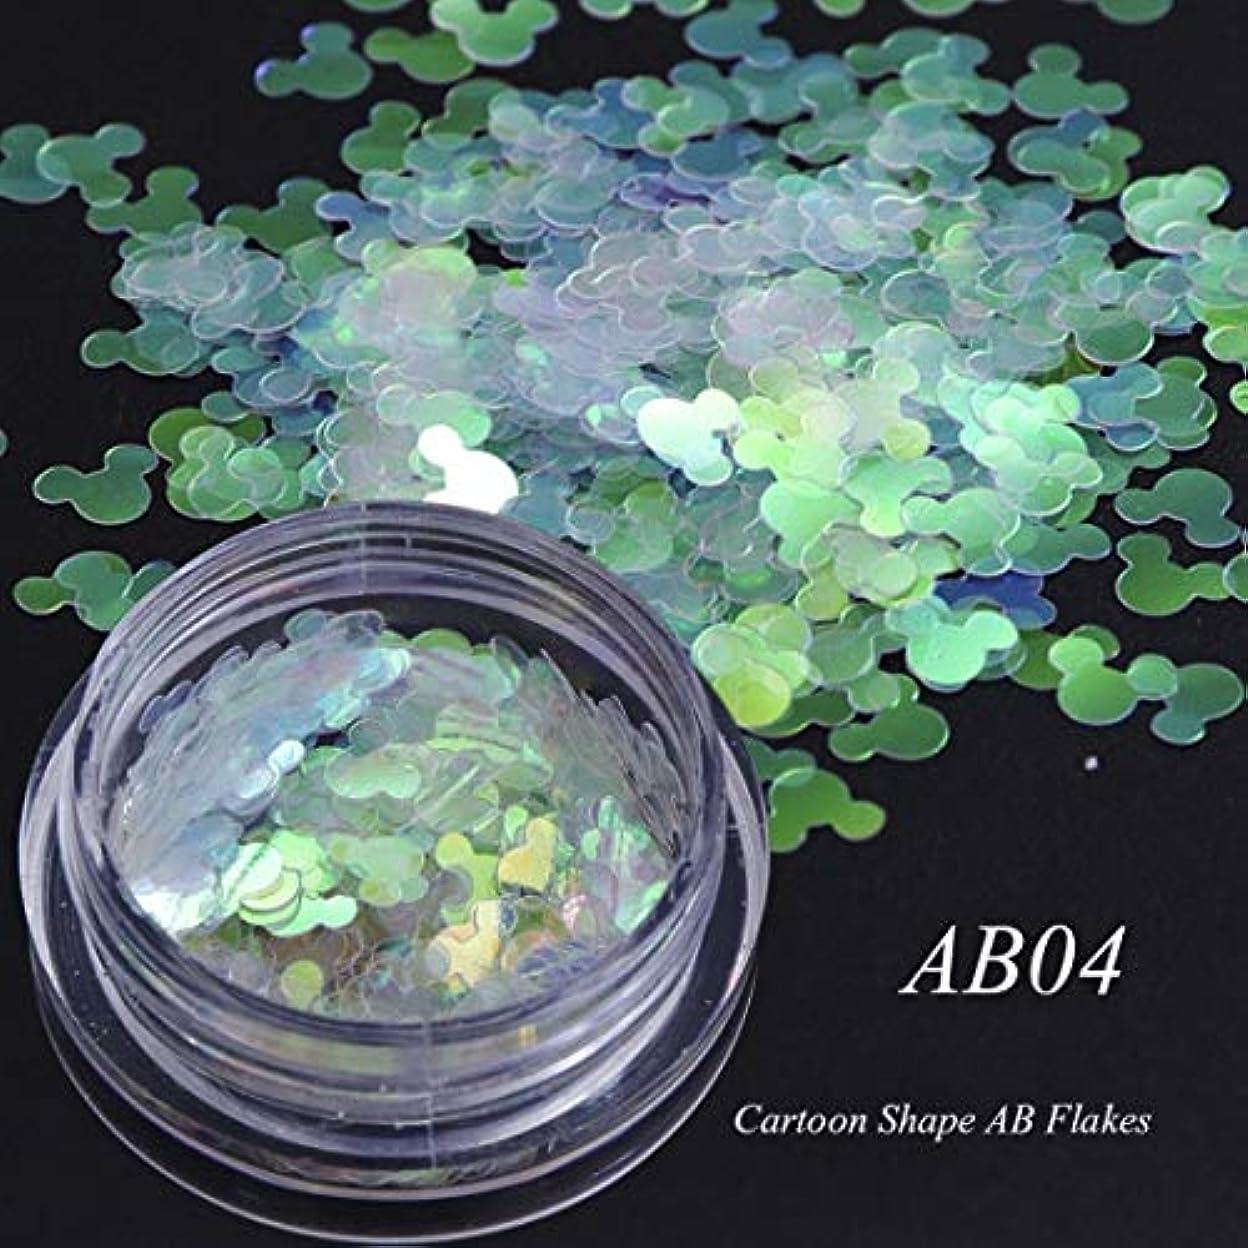 発動機移行するわずかな手足ビューティーケア 3個のカメレオンカラースパンコールネイルアートグリッターフレークUVジェル装飾ツール(AB01) (色 : AB04)